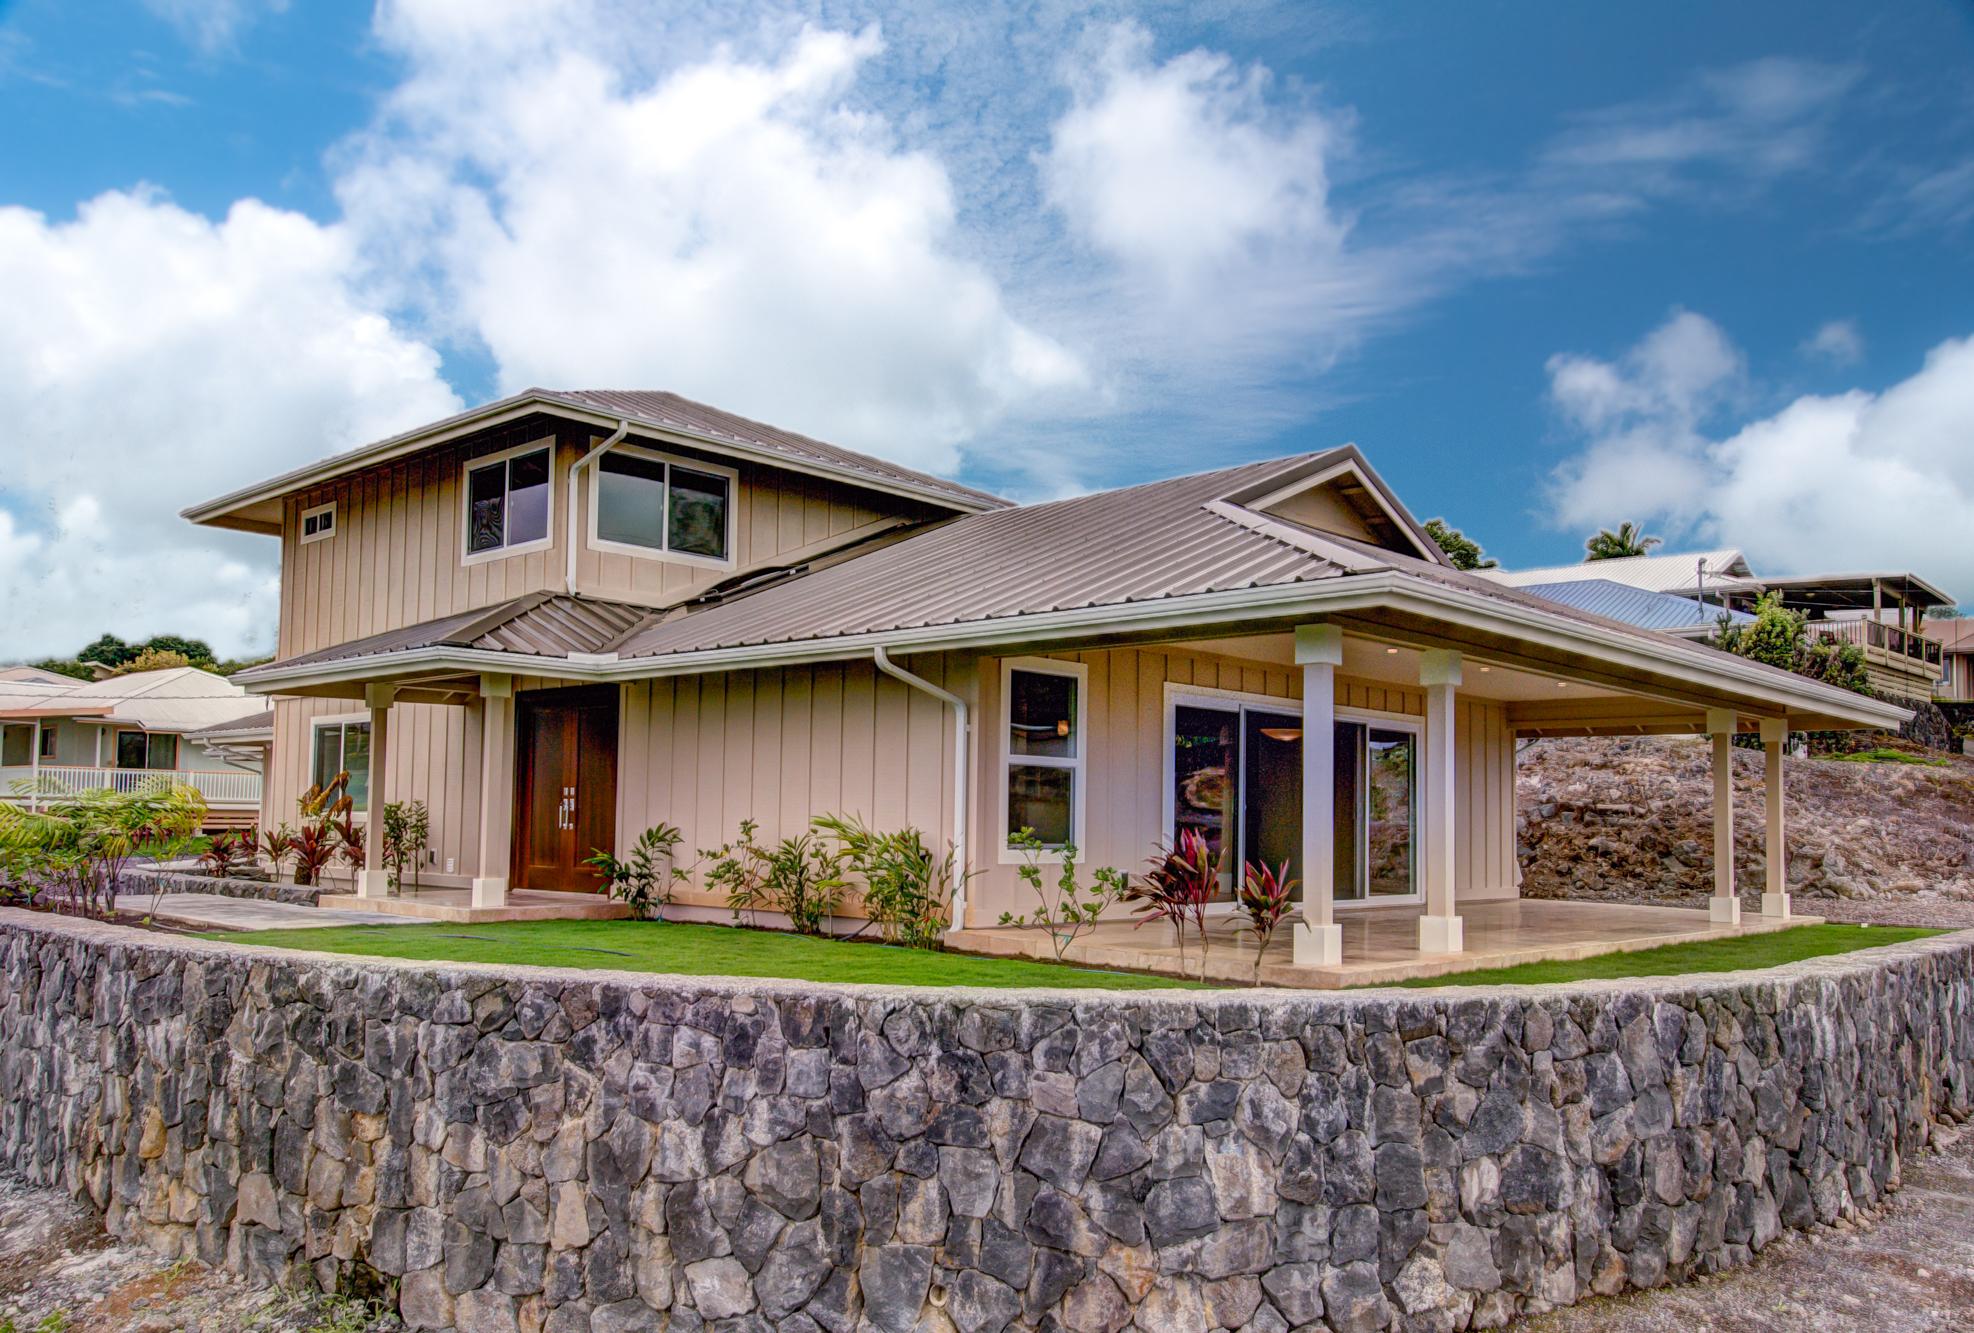 692 Heahea St., Hilo - $599,000